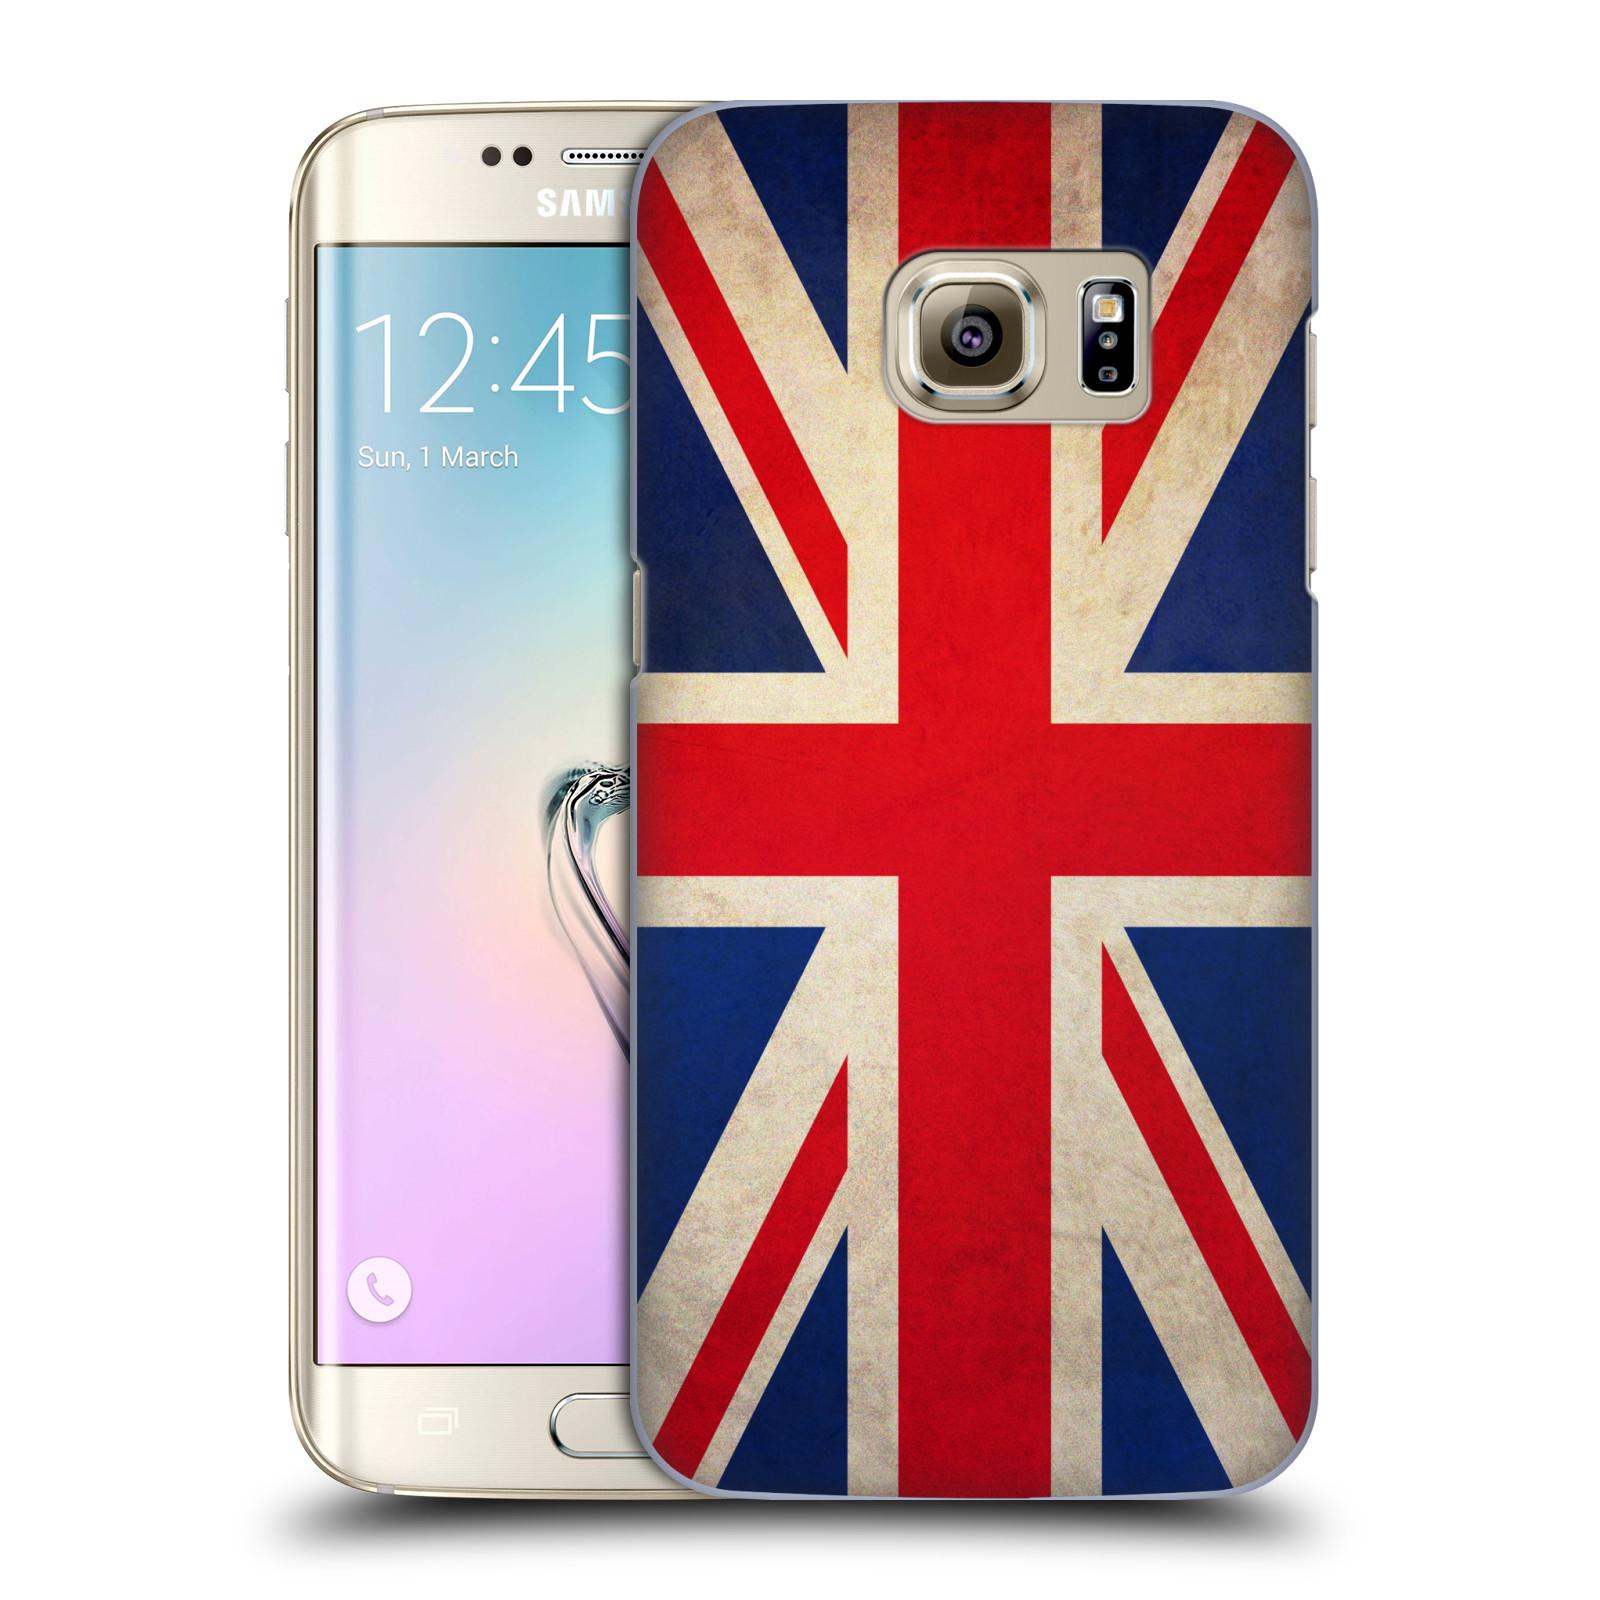 Plastové pouzdro na mobil Samsung Galaxy S7 Edge HEAD CASE VLAJKA VELKÁ BRITÁNIE (Kryt či obal na mobilní telefon Samsung Galaxy S7 Edge SM-G935F)